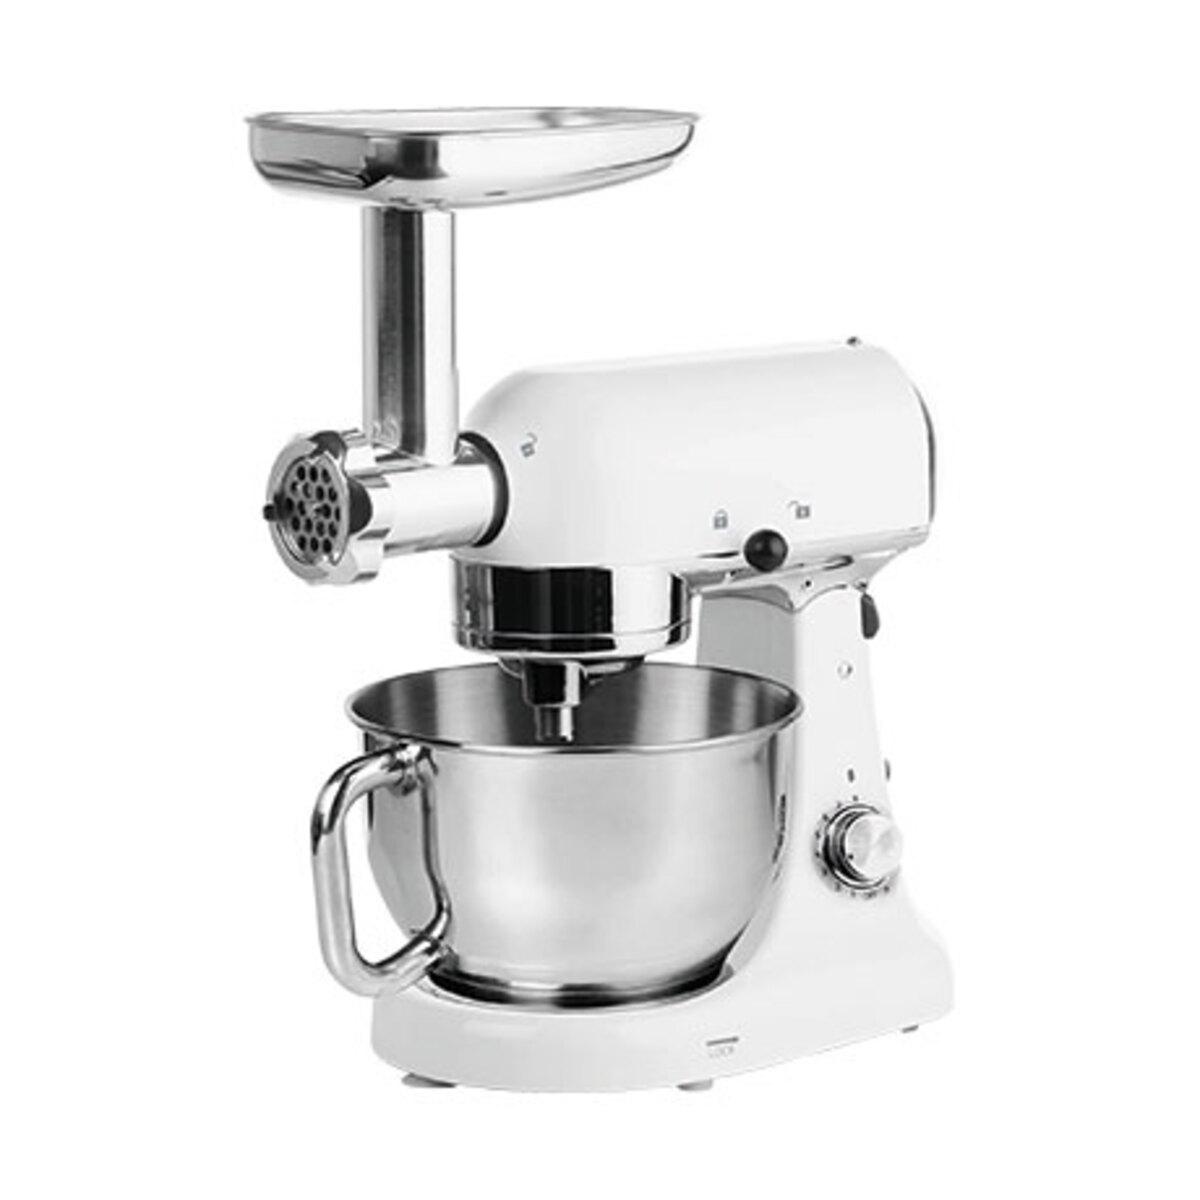 Bild 4 von Küchenmaschine MD 16480 weiß1